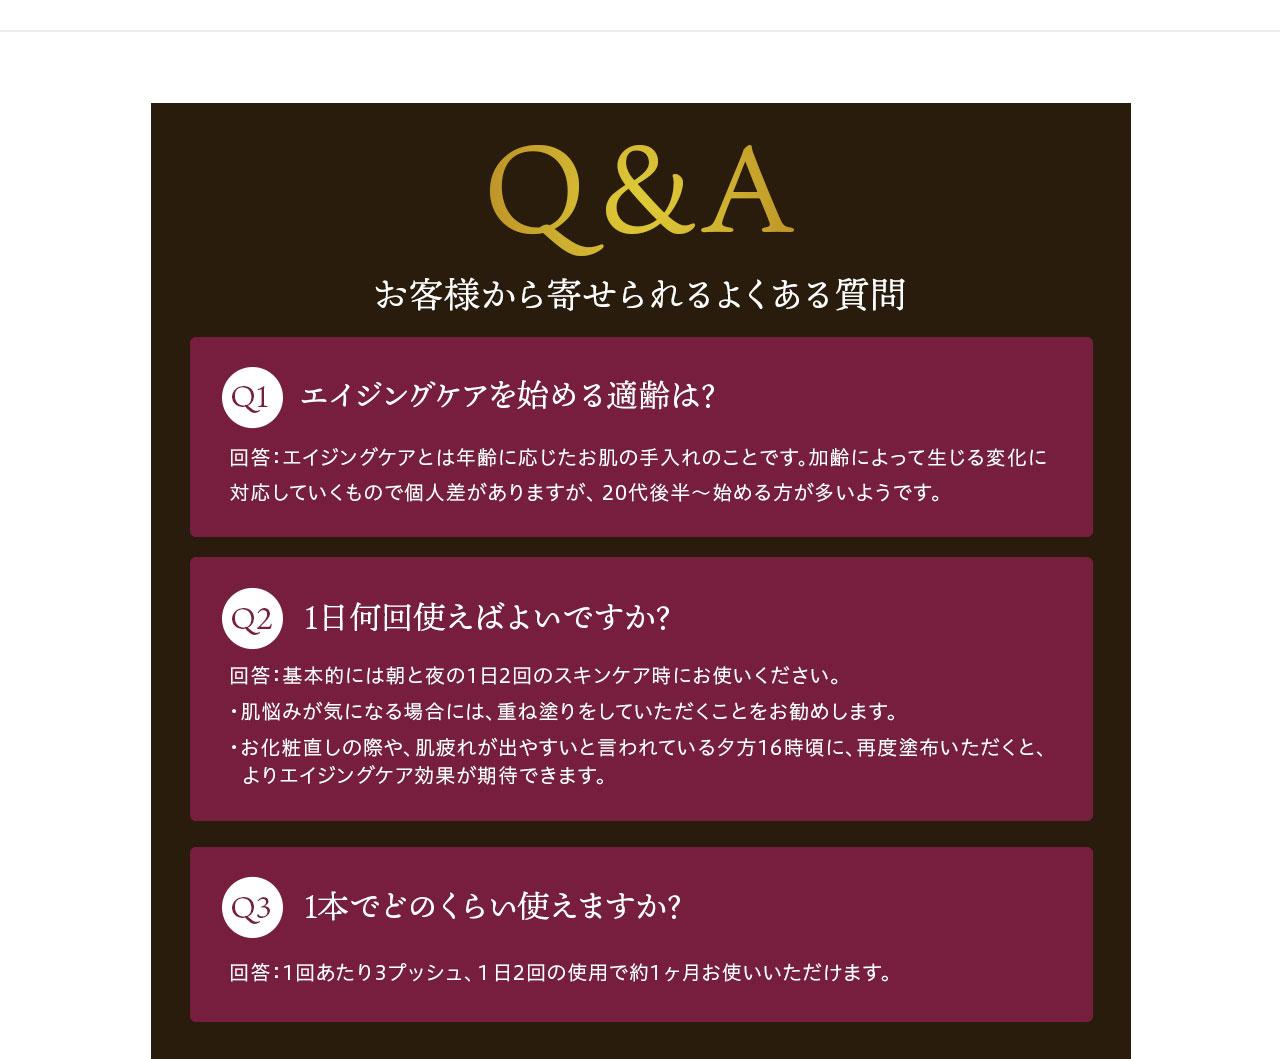 Q&A お客様から寄せられるよくある質問 Q1エイジングケアを始める適齢は? 回答:エイジングケアとは年齢に応じたお肌の手入れのことです。加齢によって生じる変化に対応していくもので個人差がありますが、 20代後半~始める方が多いようです。Q2 1日何回使えばいいんですか? 回答:朝と夜1日2回のスキンケア時にお使いいただくことをお勧めします。 Q3 1本で何日使えますか?? 回答:1回あたり2~3プッシュ、1日2回の使用で1ヶ月の容量です。